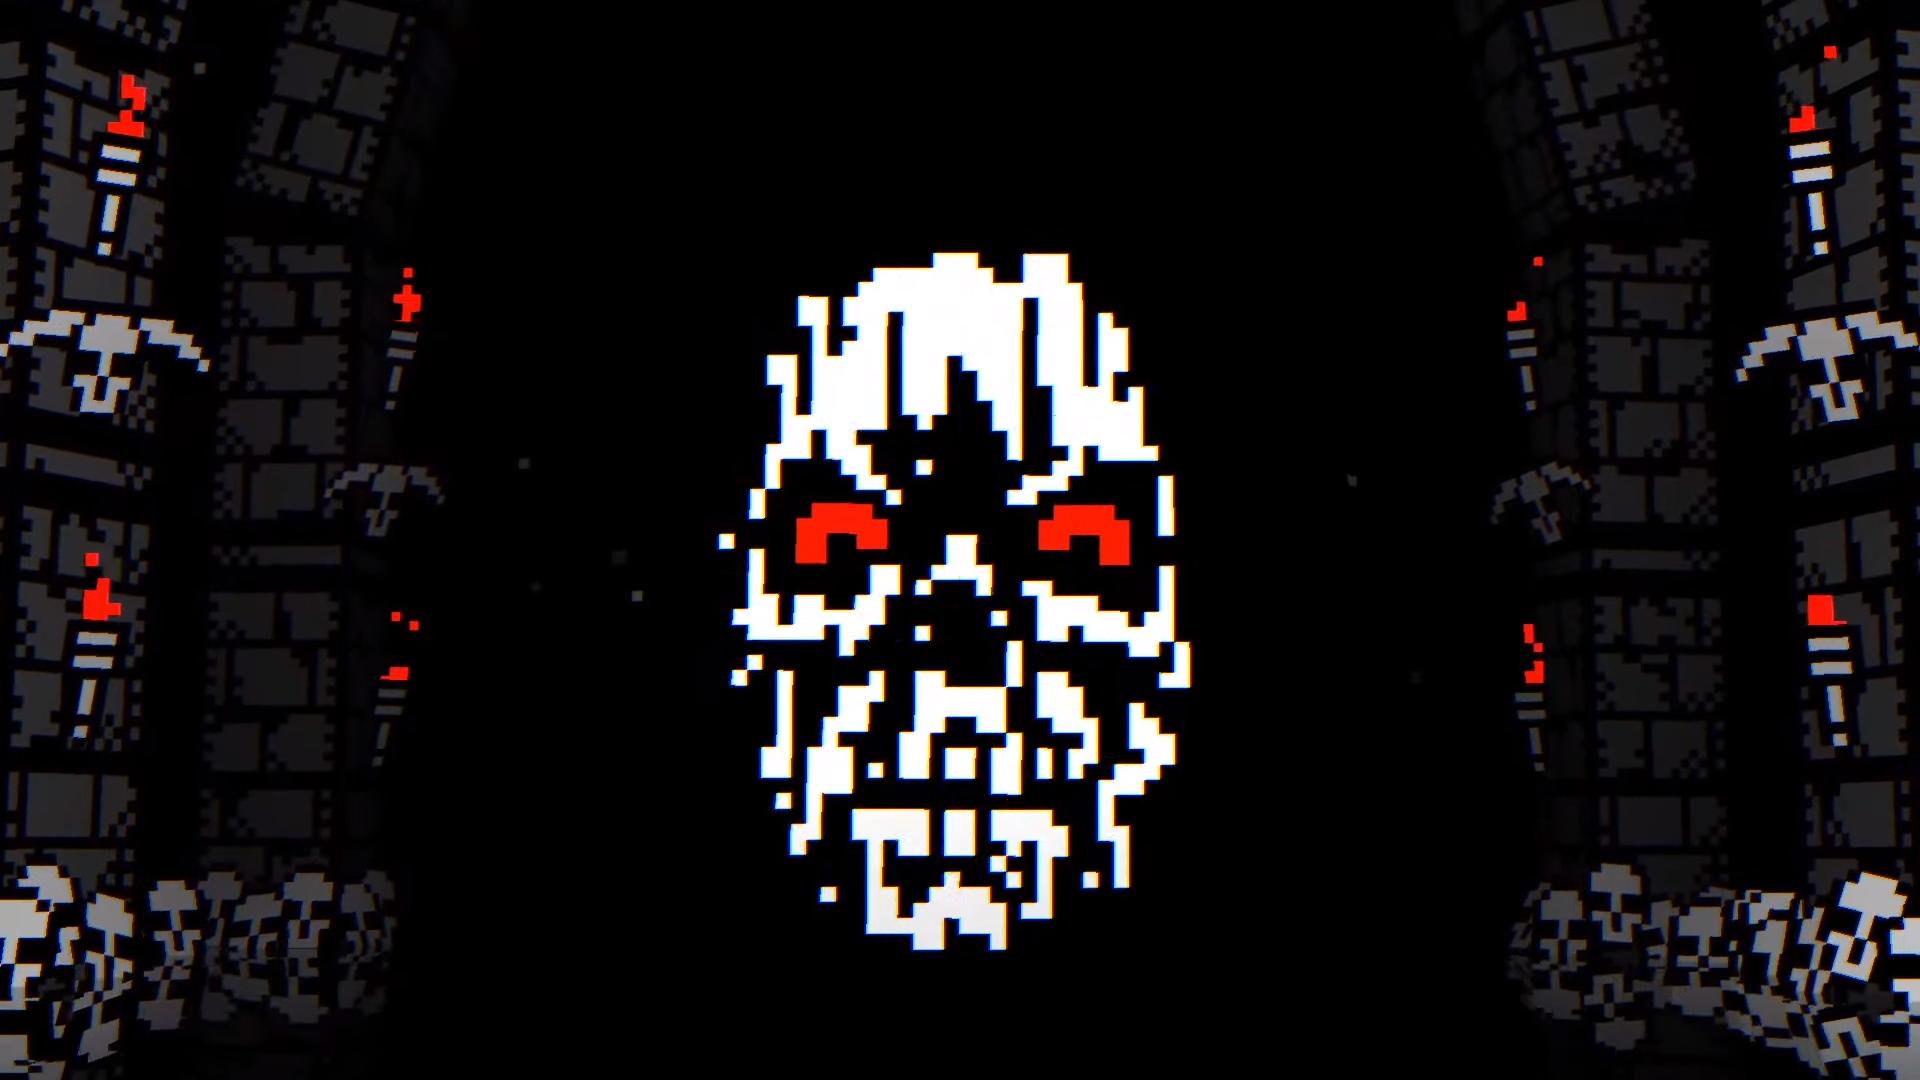 Bleak Sword is a deceptively brutal mobile game